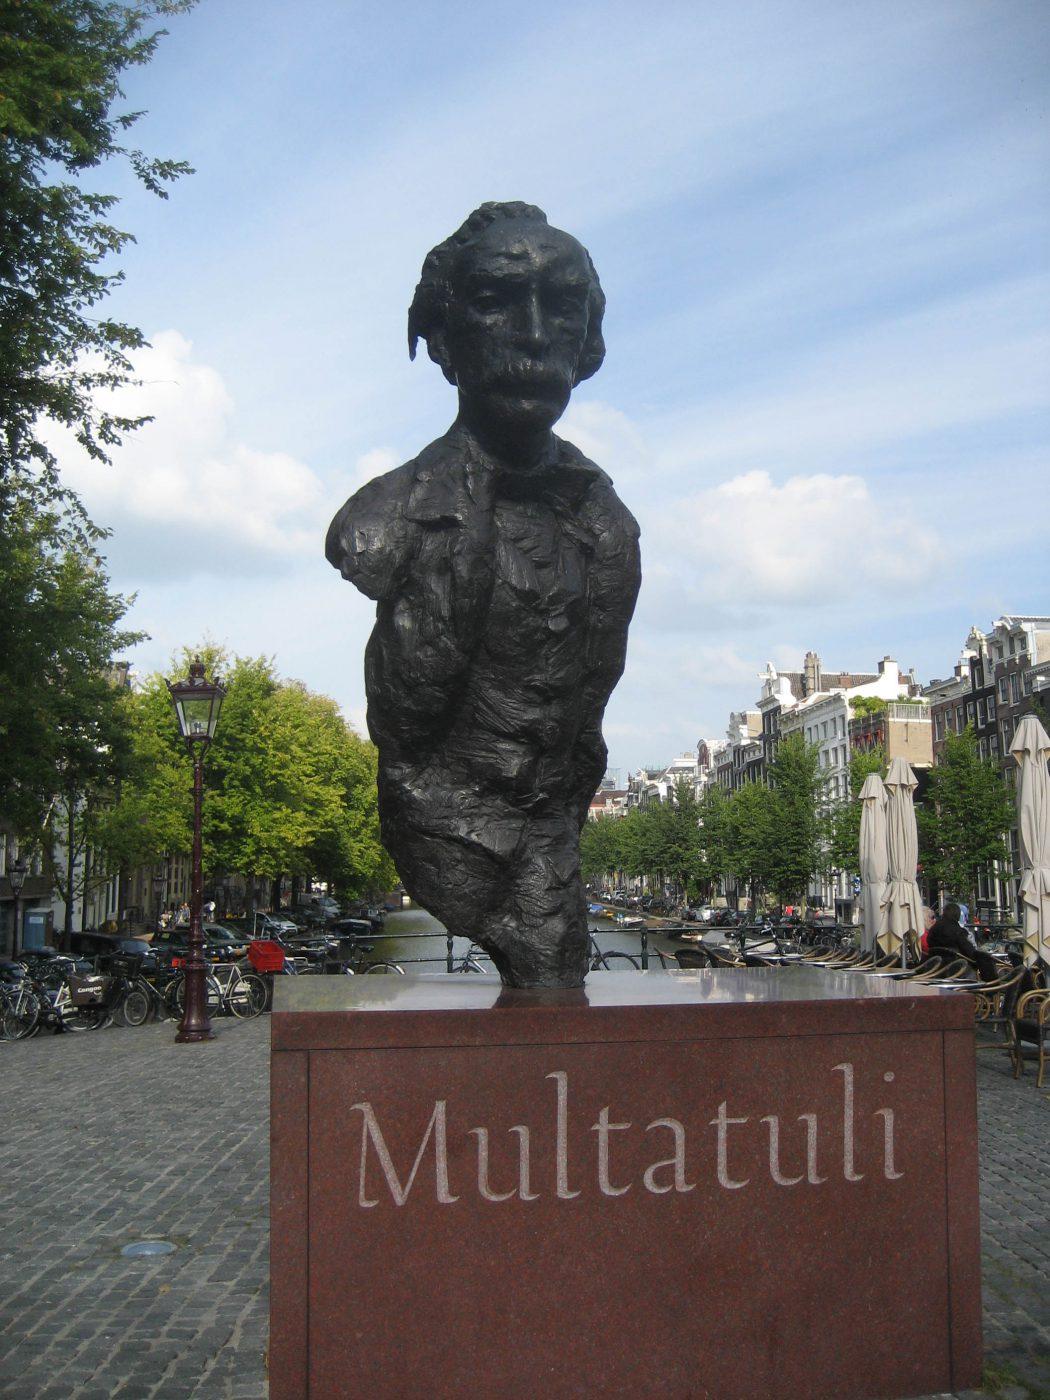 Writer Mutlatuli statue in Amsterdam